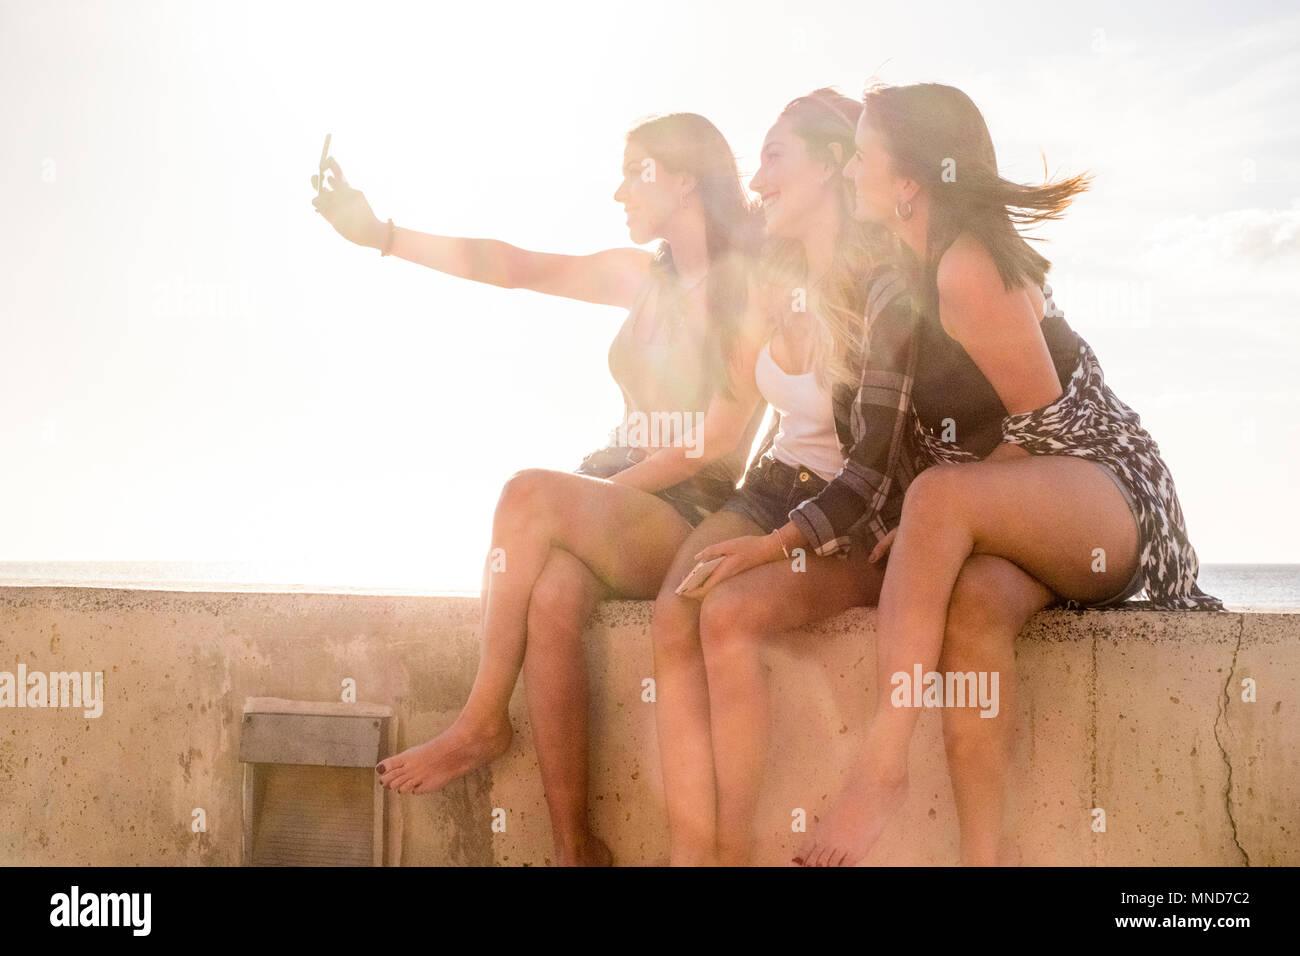 Gruppe von drei Frauen in der Freundschaft selfies nehmen und per Telefon in der Nähe des Strandes auf Teneriffa. Sonnenuntergang, viel Lachen und Freude im Urlaub. Bea Stockbild